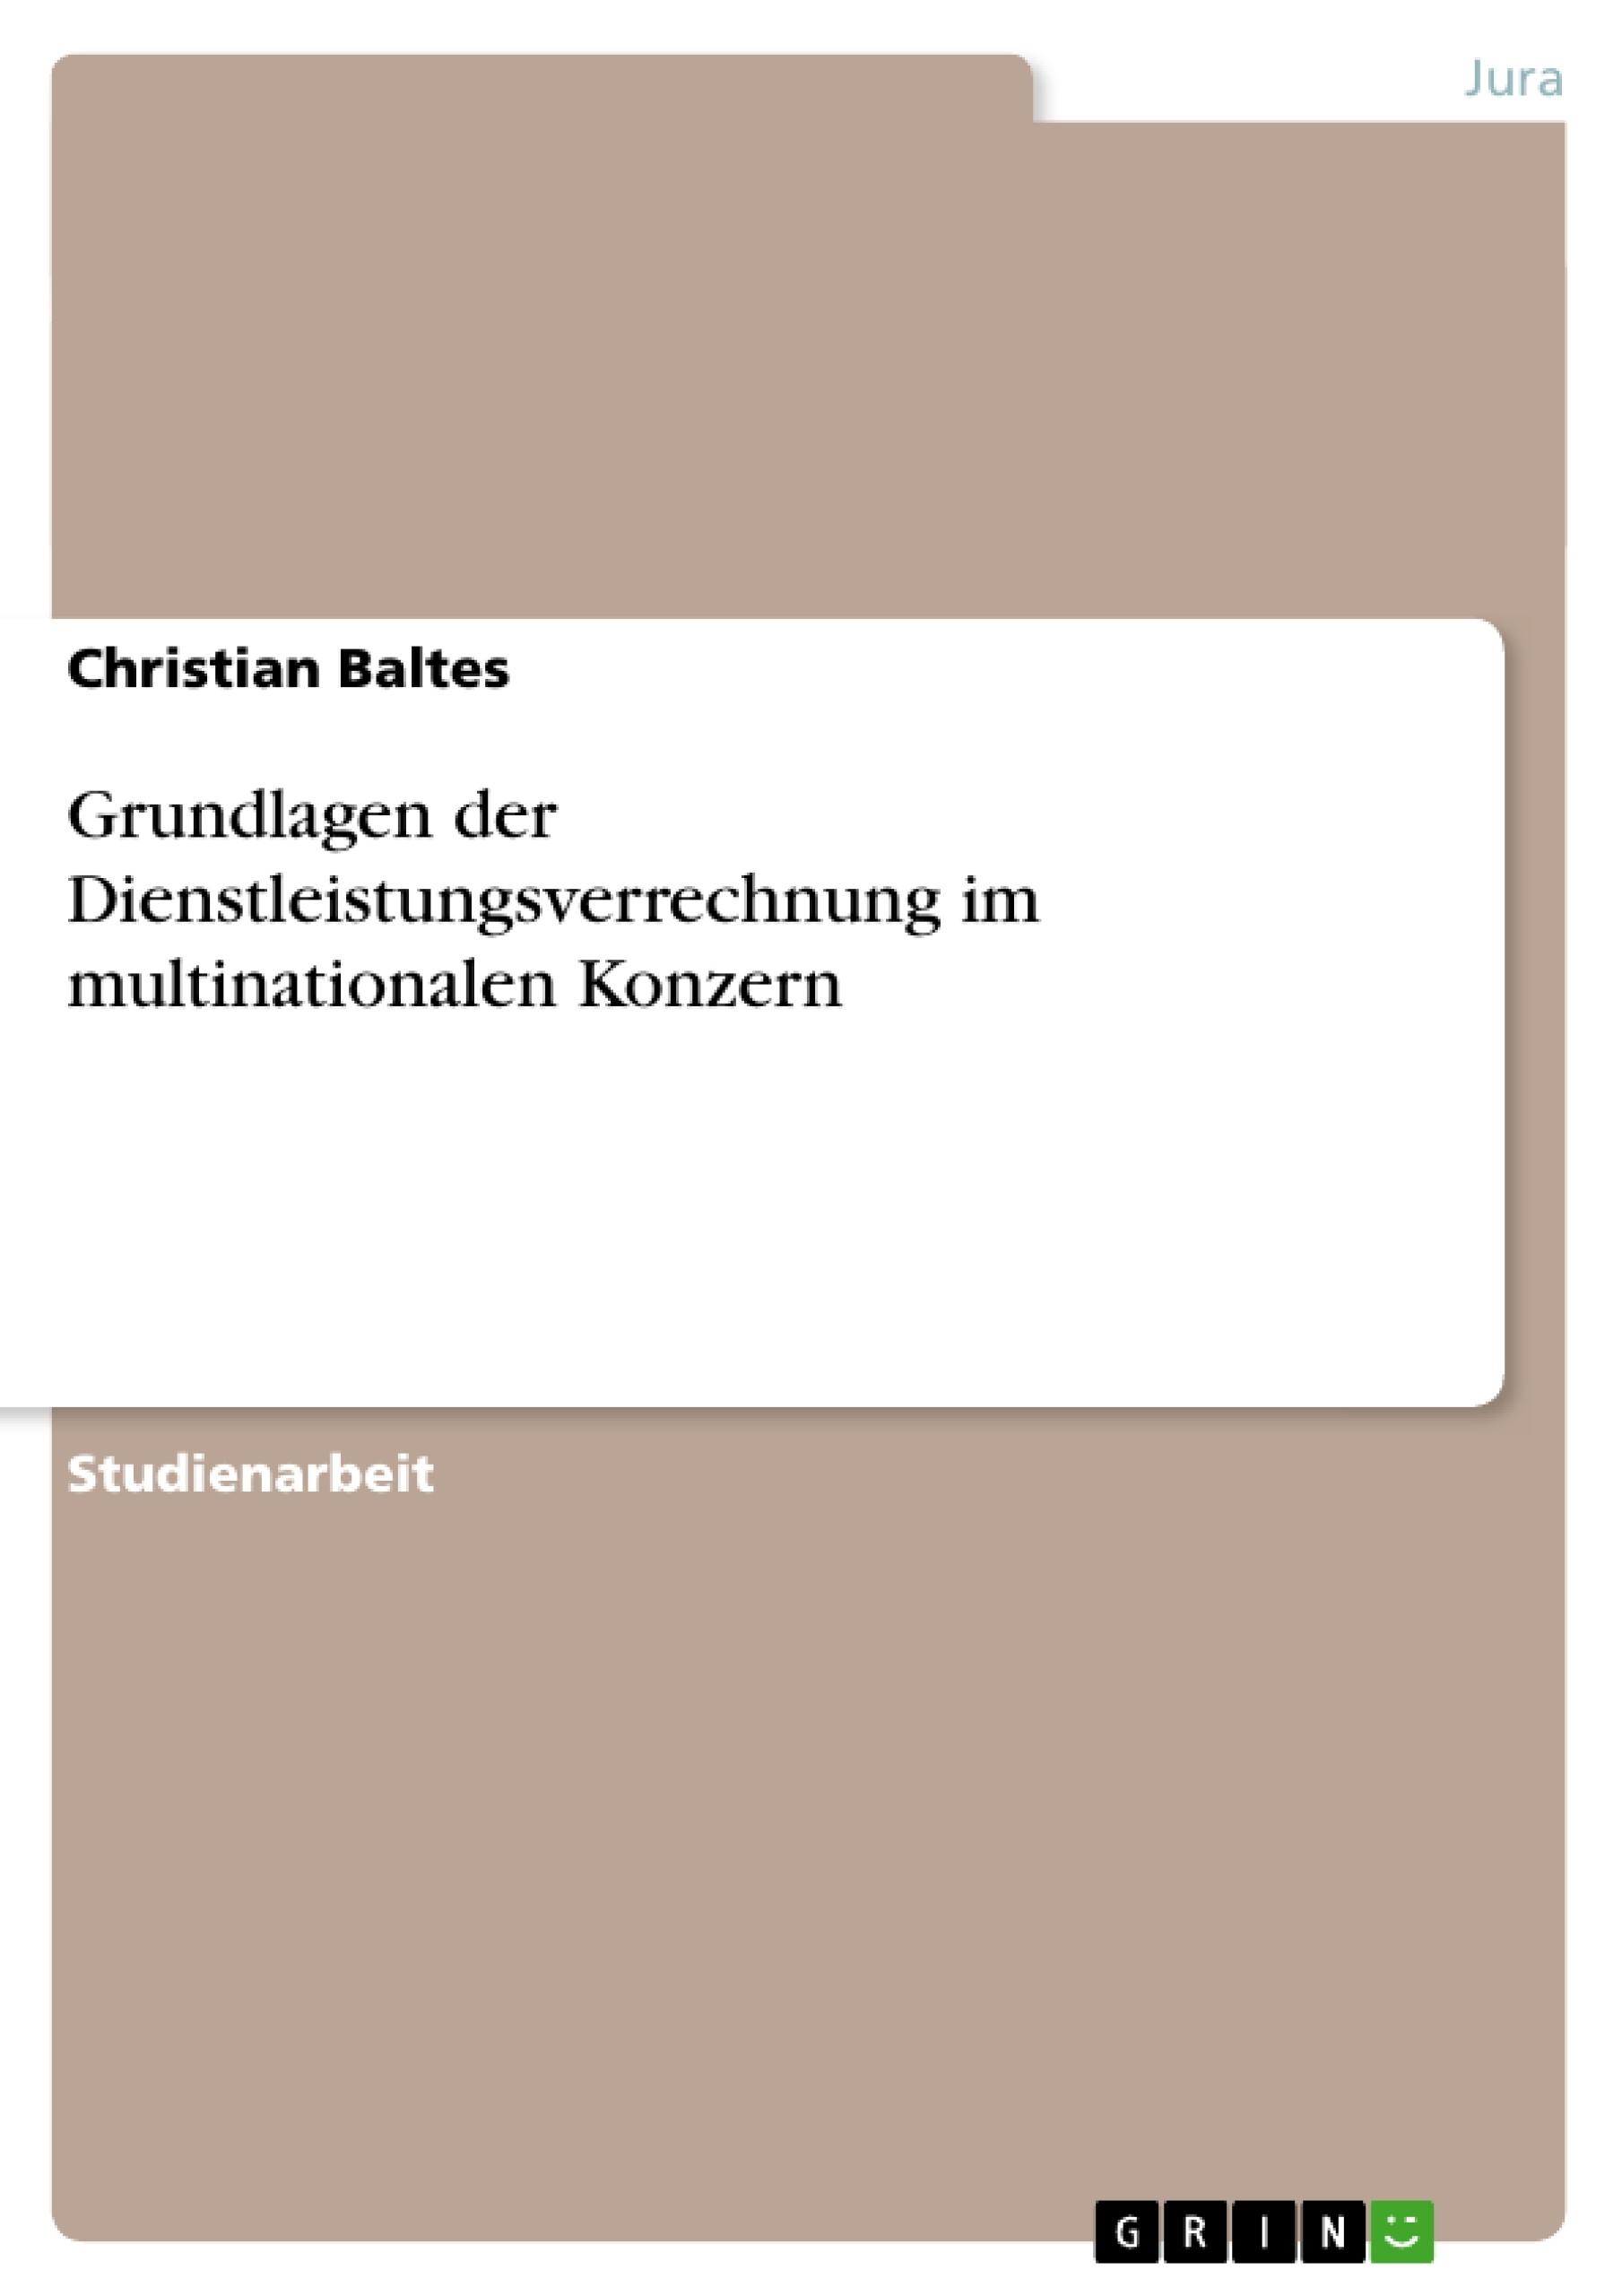 Titel: Grundlagen der Dienstleistungsverrechnung im multinationalen Konzern